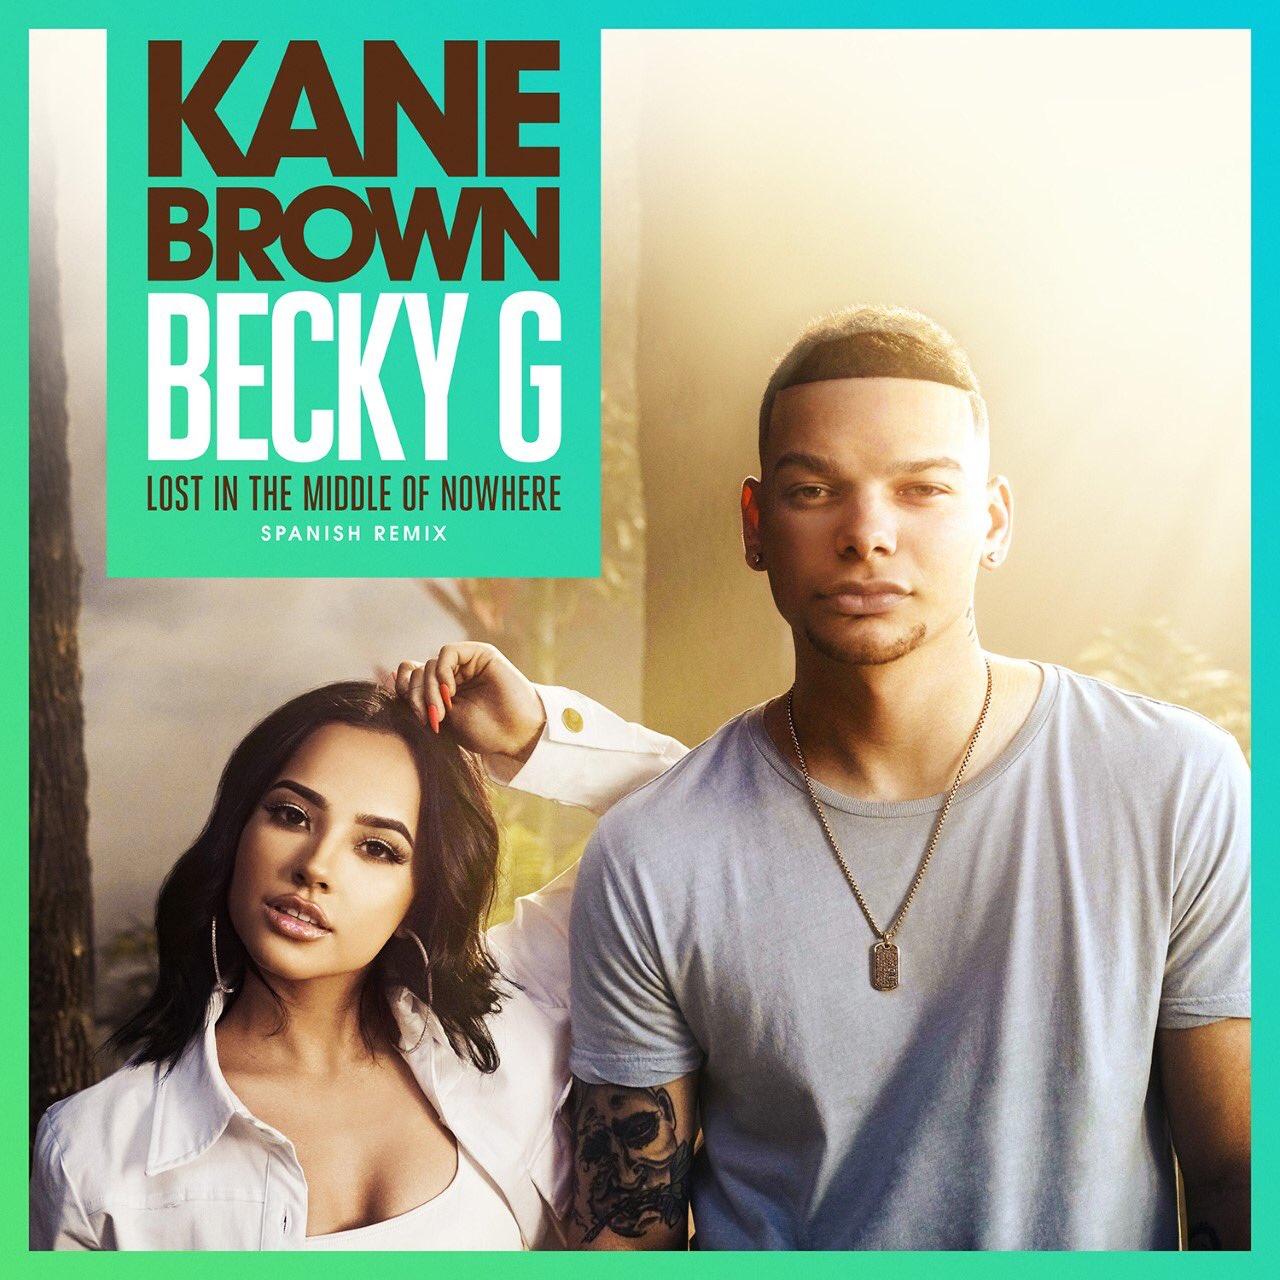 kane brown @ kanebrown